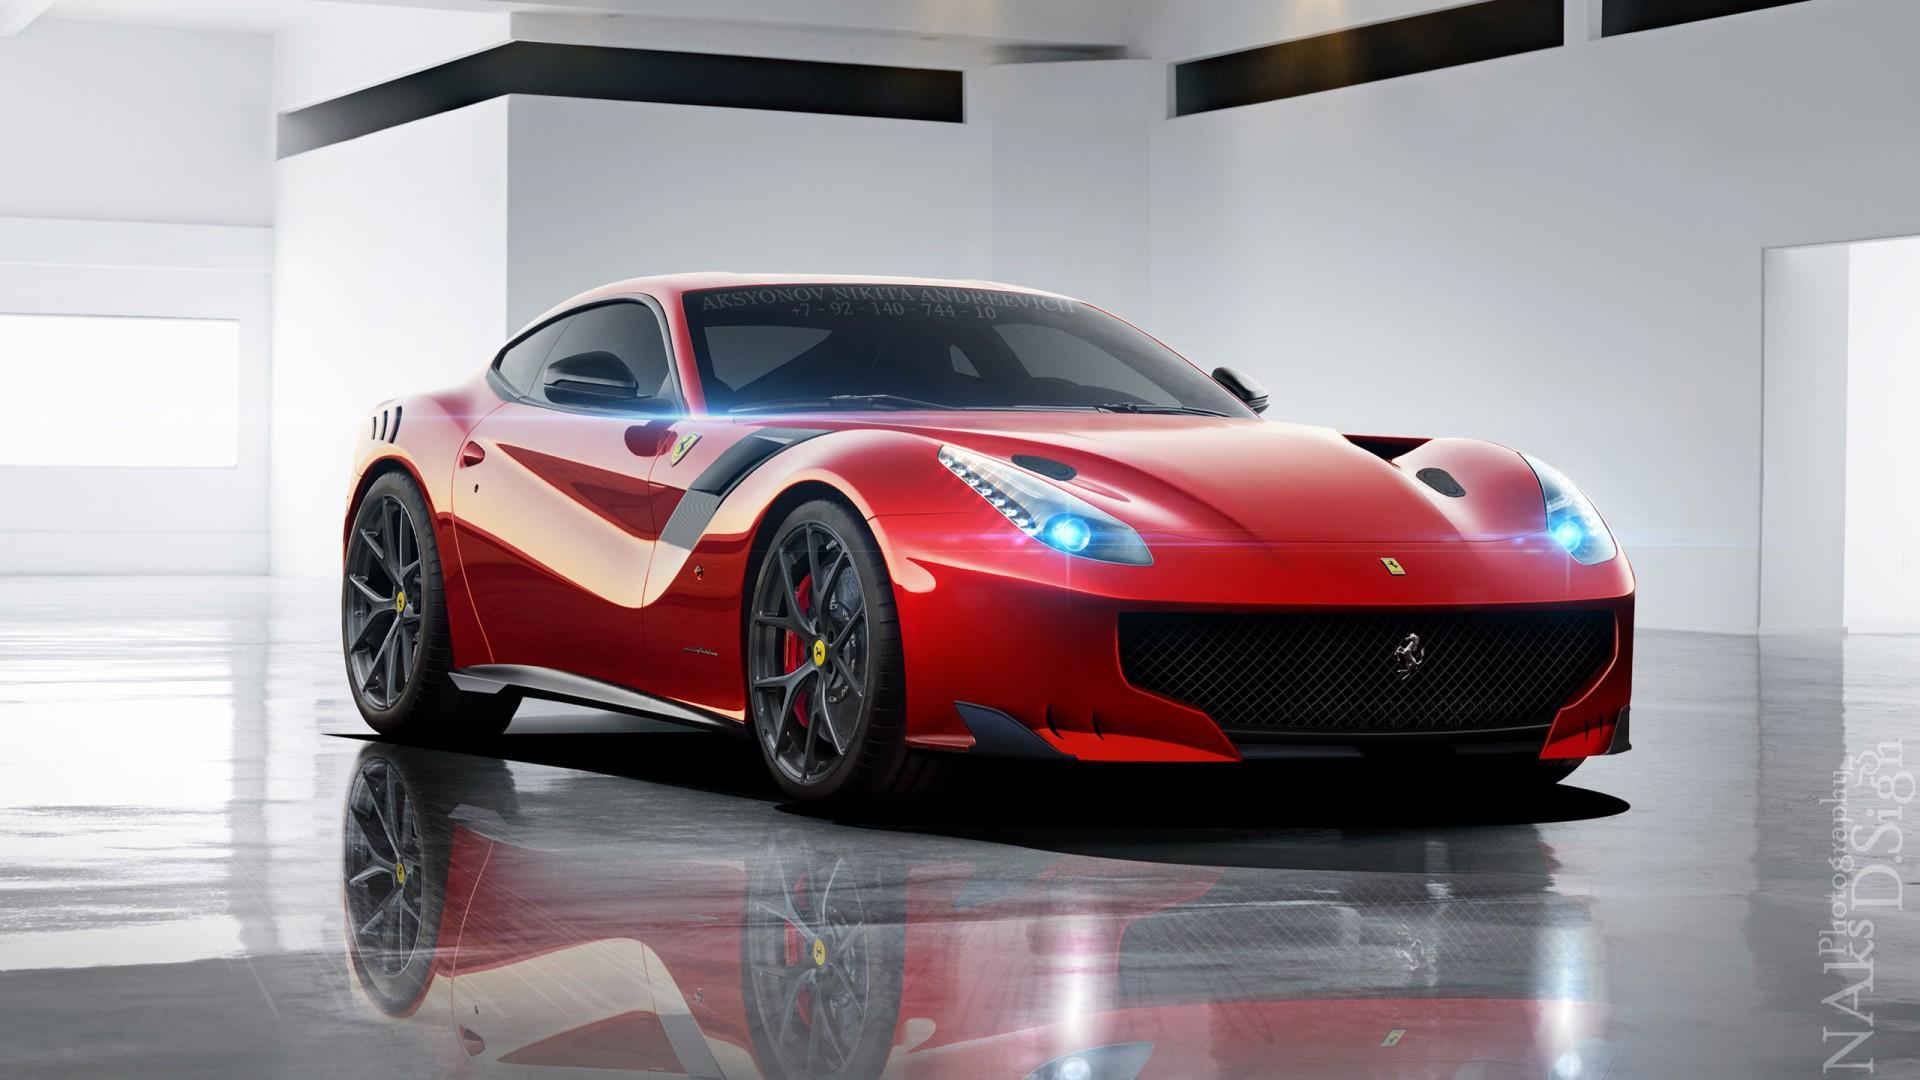 Ferrari F12 GTO Wallpaper | HD Car Wallpapers | ID #5919